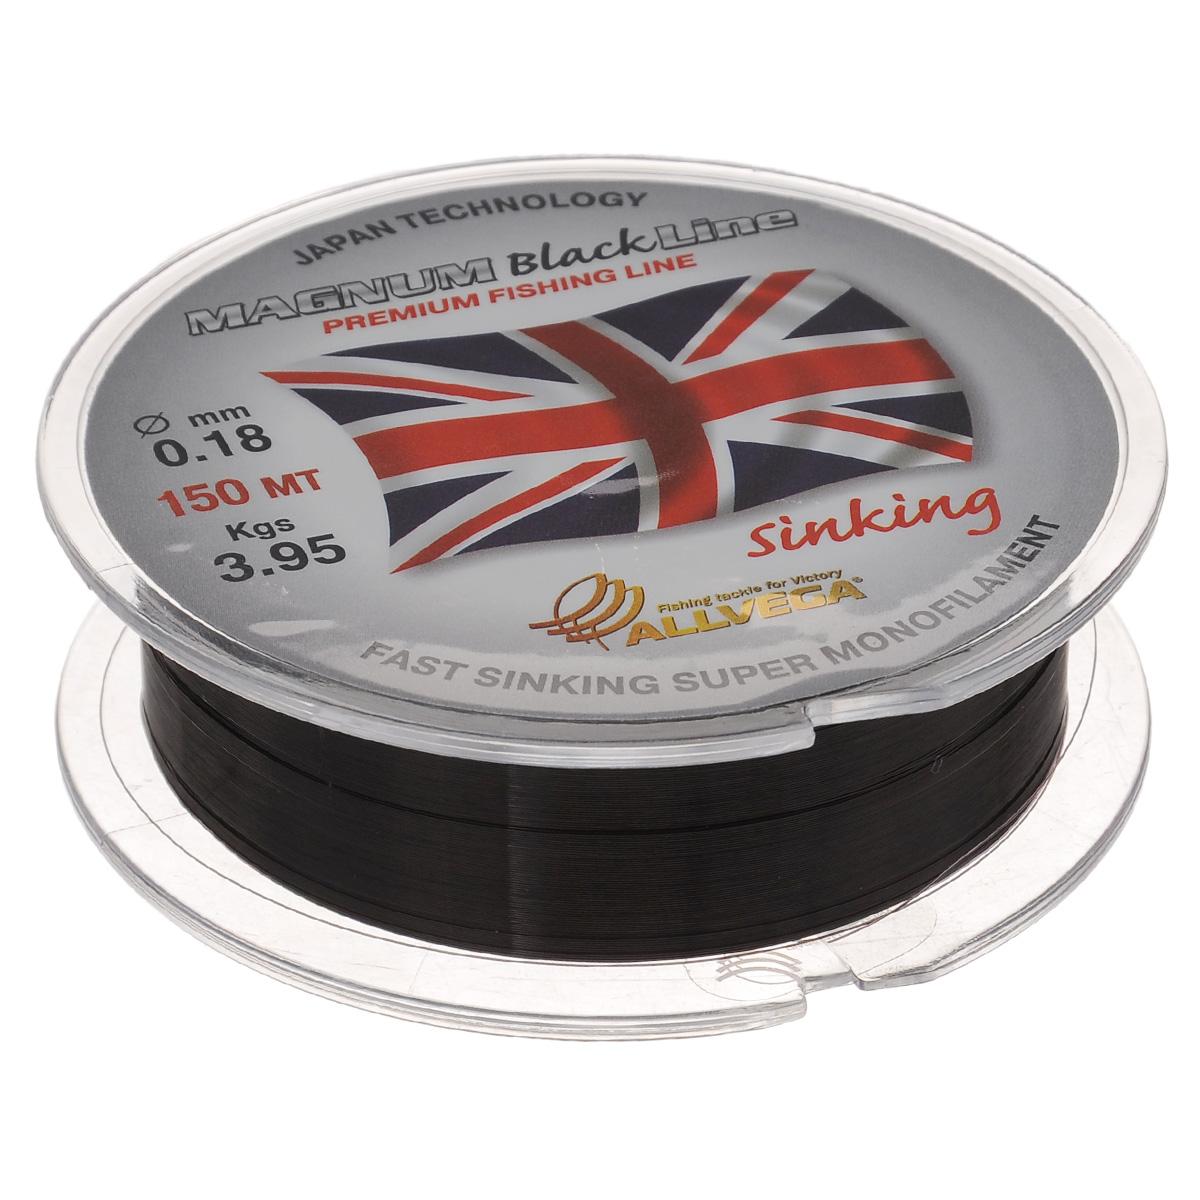 Леска Allvega Magnum Black, цвет: черный, 150 м, 0,18 мм, 3,95 кг